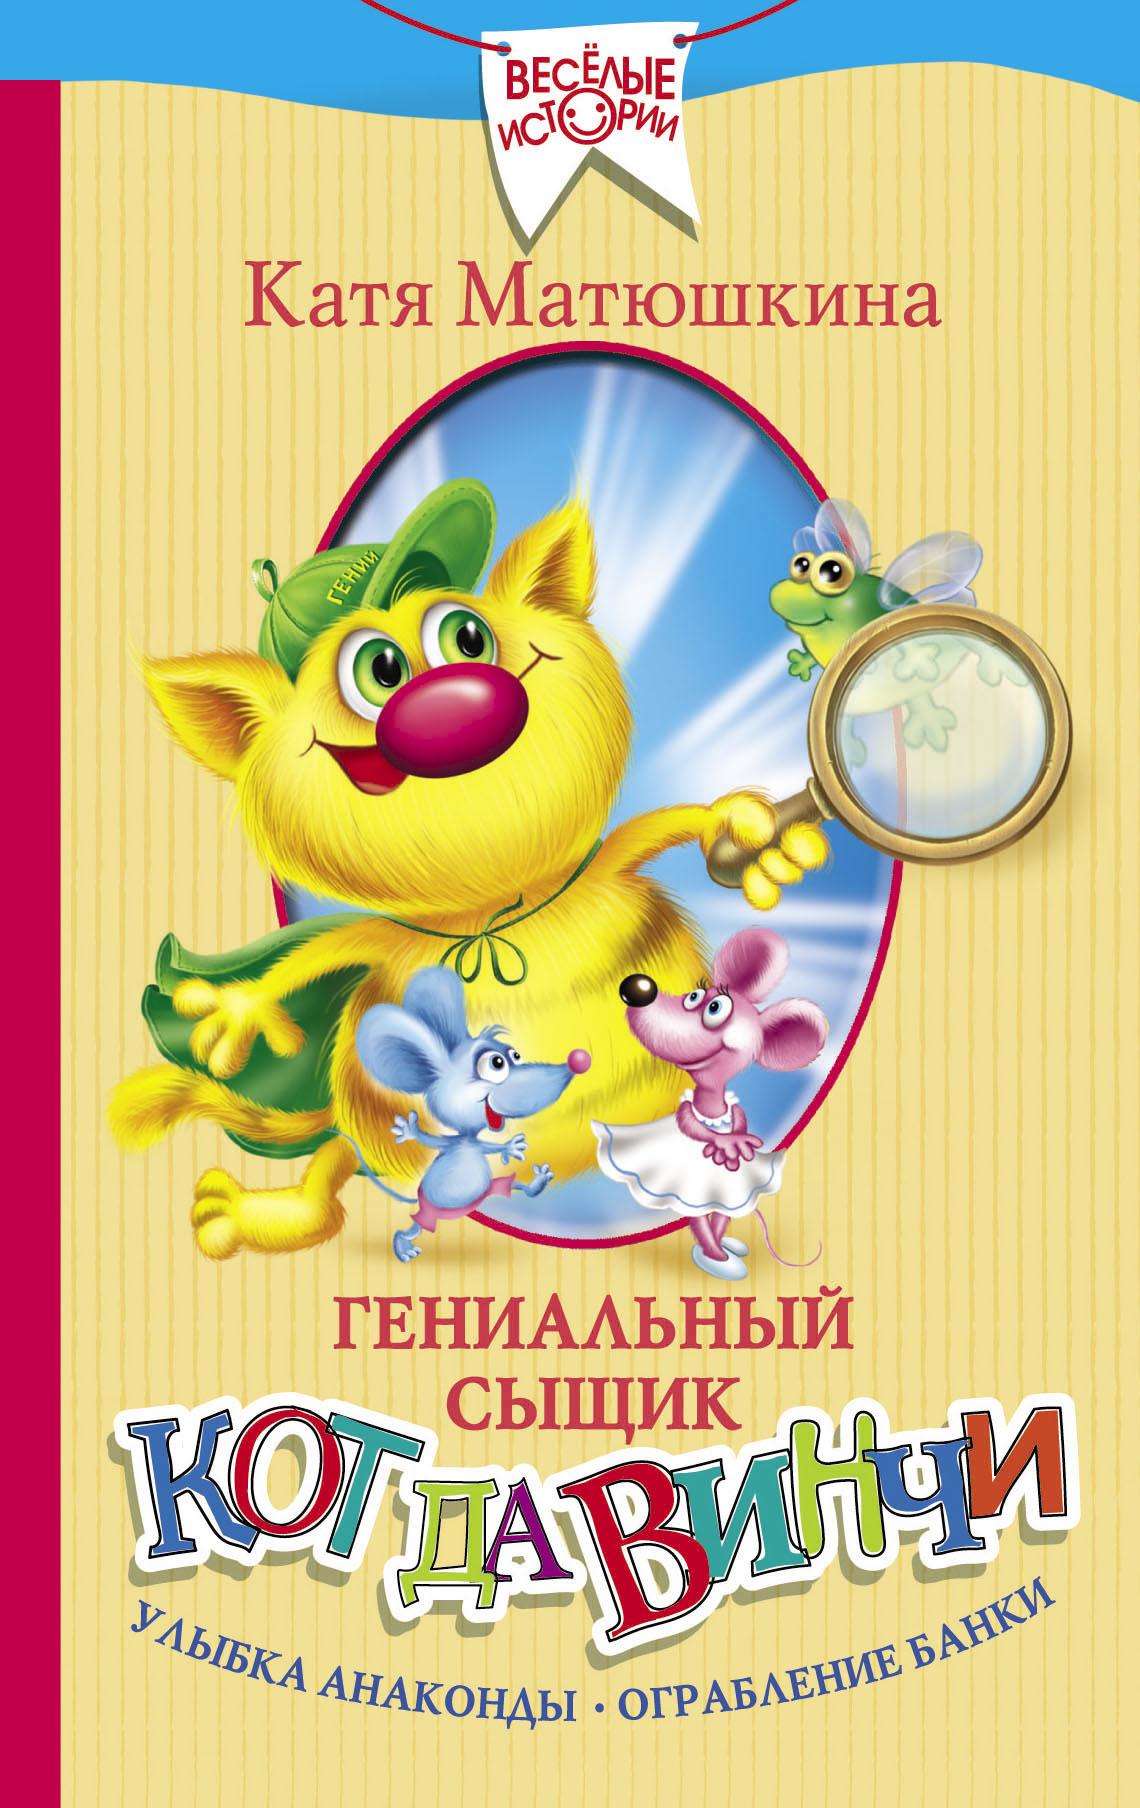 Катя Матюшкина Гениальный сыщик кот да Винчи. Улыбка Анаконды. Ограбление банки